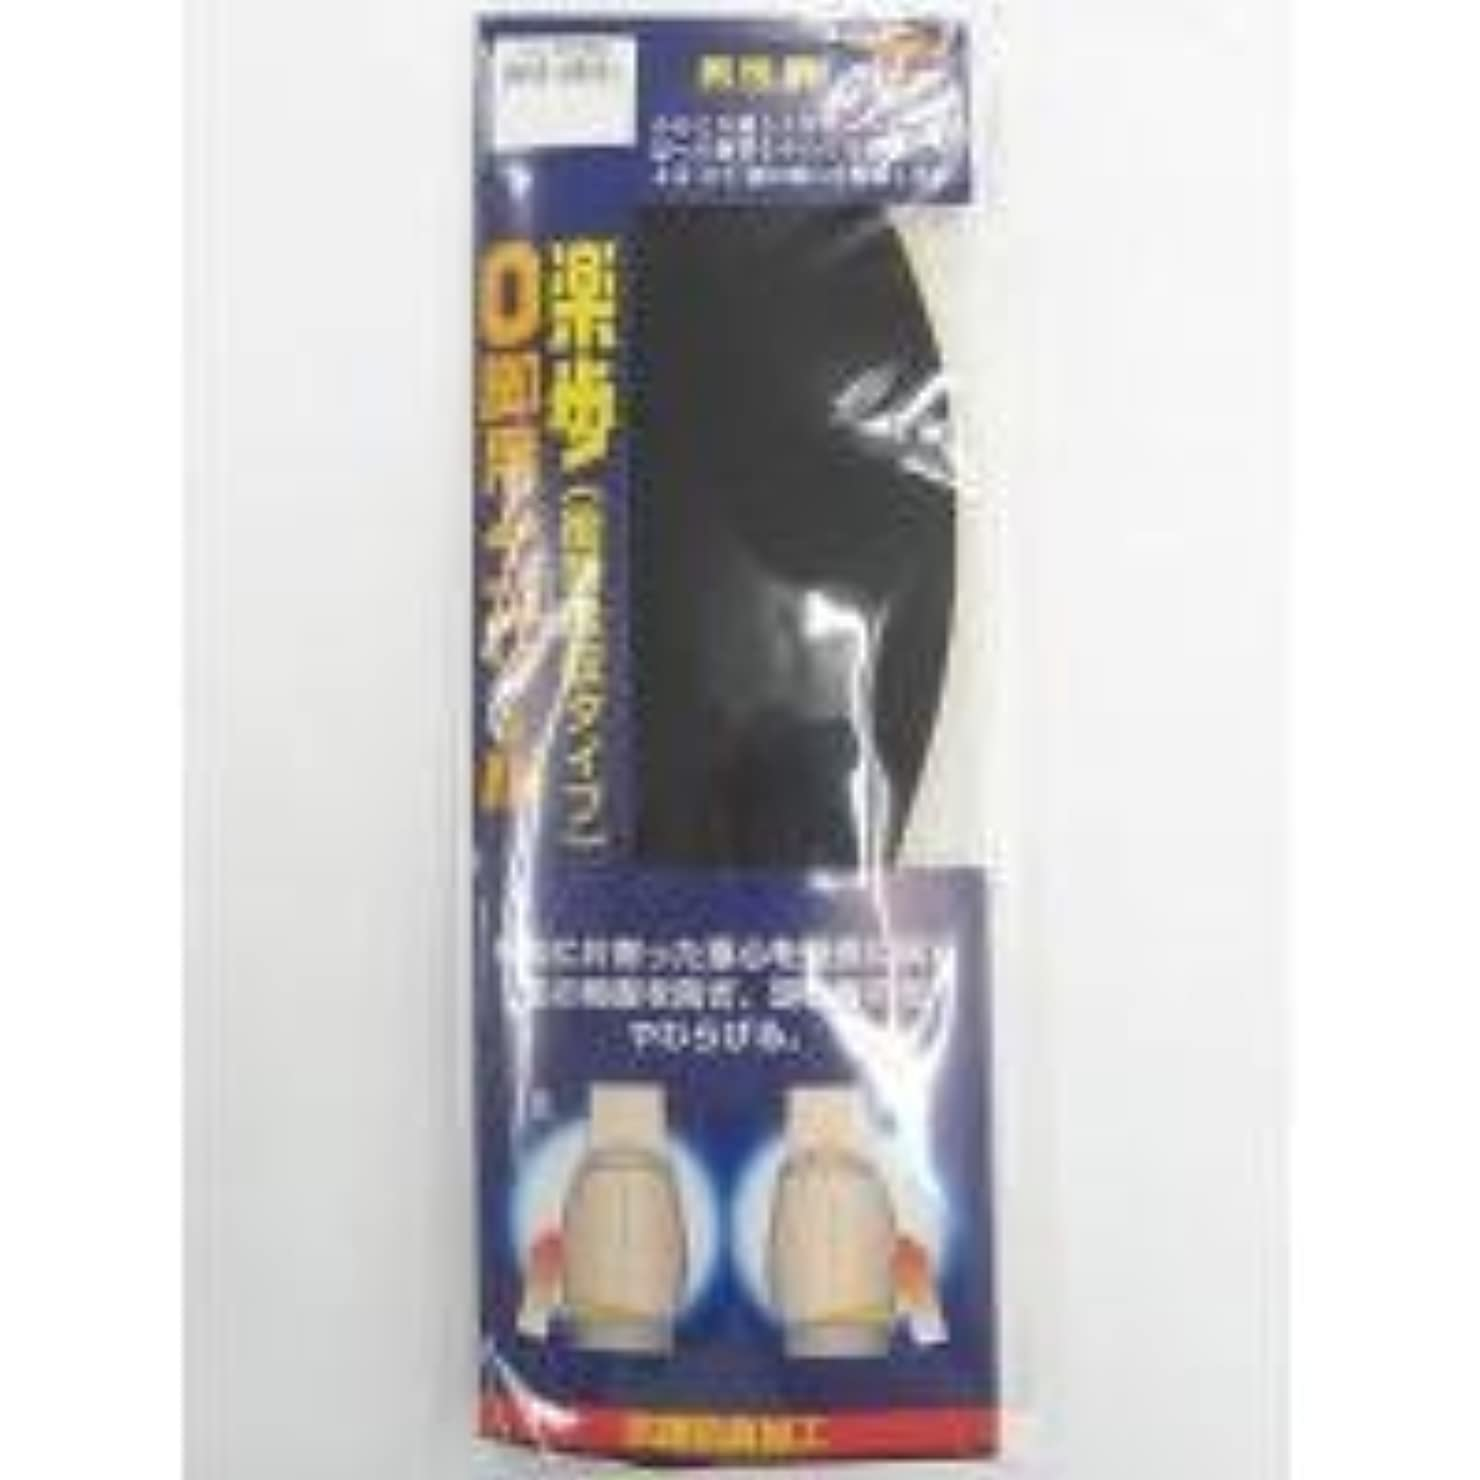 レタッチ軍排泄する162 アクティカ 楽歩O脚用インソール フリーサイズ(24.0~28.0cm) 男性用 ×2セット